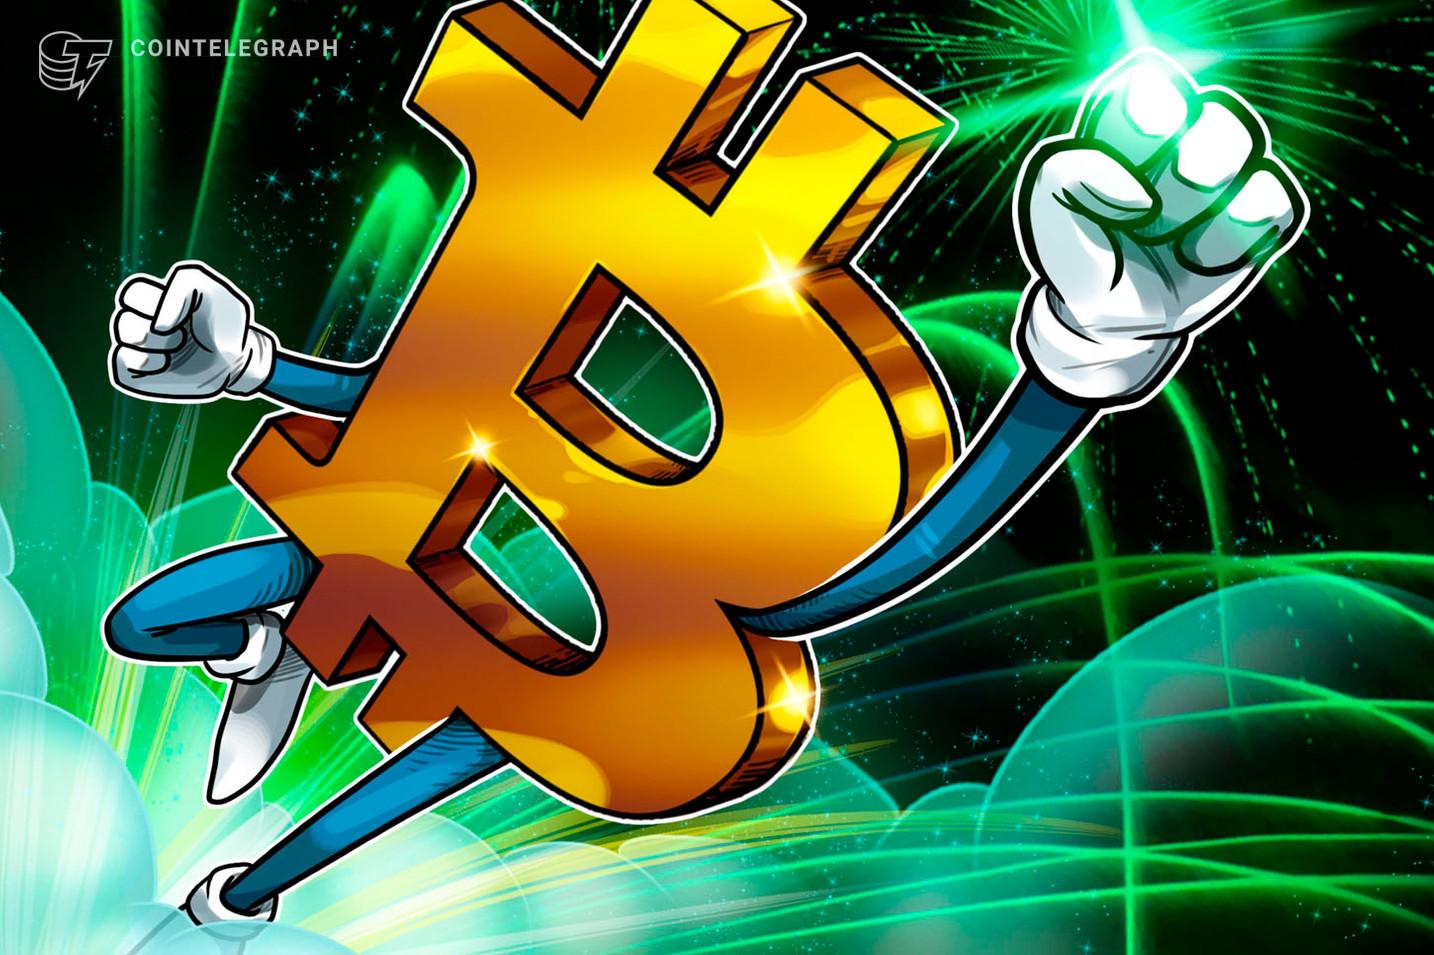 Crescimento rápido do poder de mineração do Bitcoin indica alta confiança no ativo digital